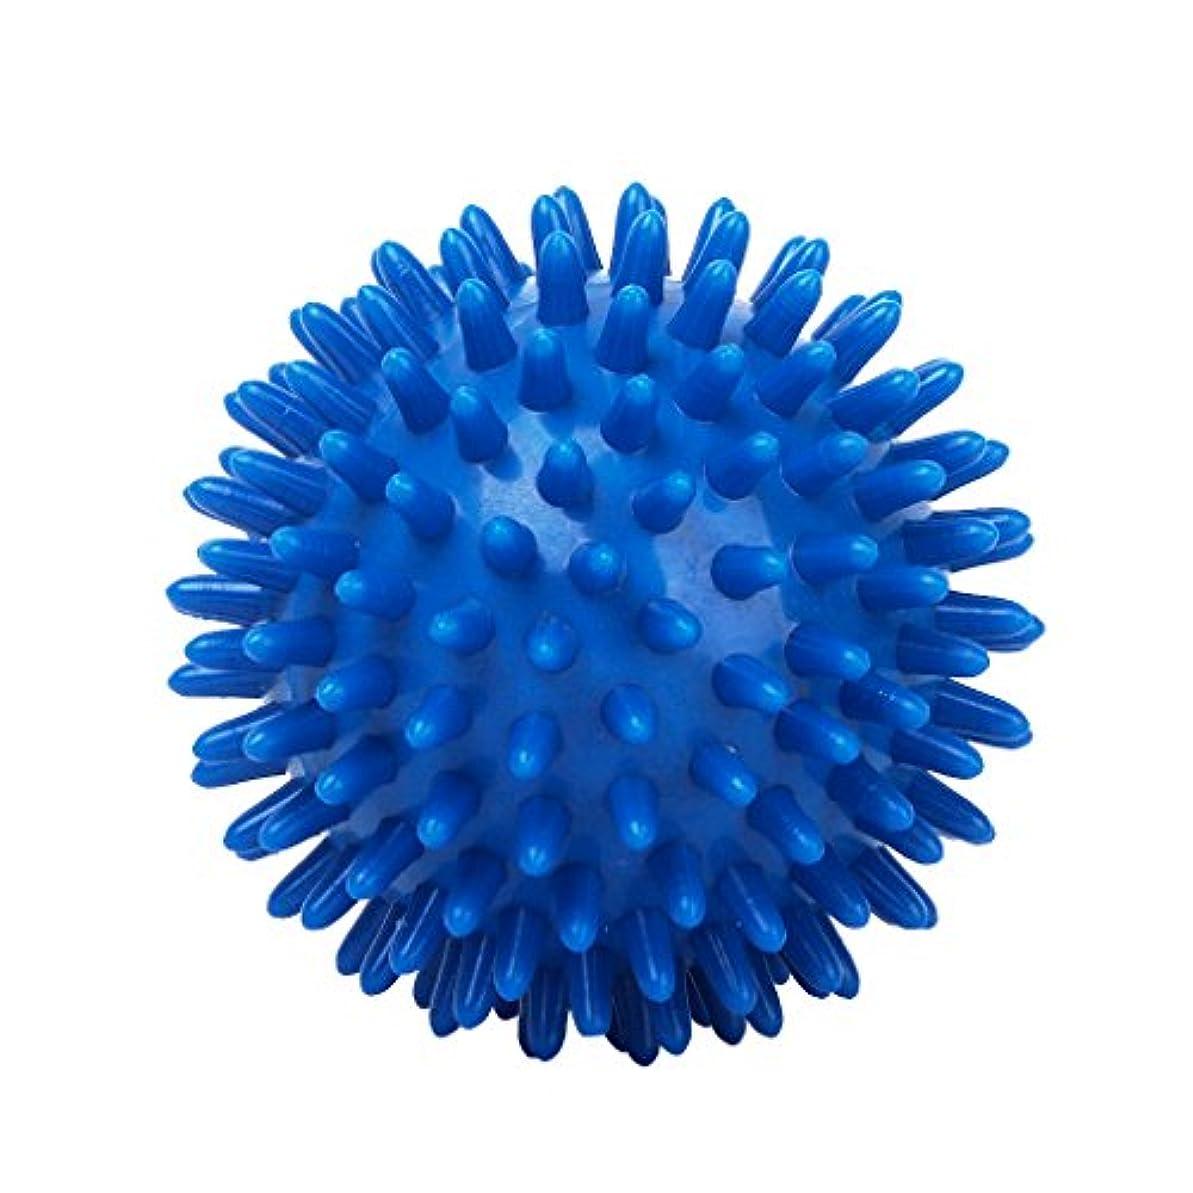 慣性縮約投獄Fenteer 便利 小型 マッサージボール 足用 筋肉対応 高品質 8cm マッサージ ボール PVC製 ブルー